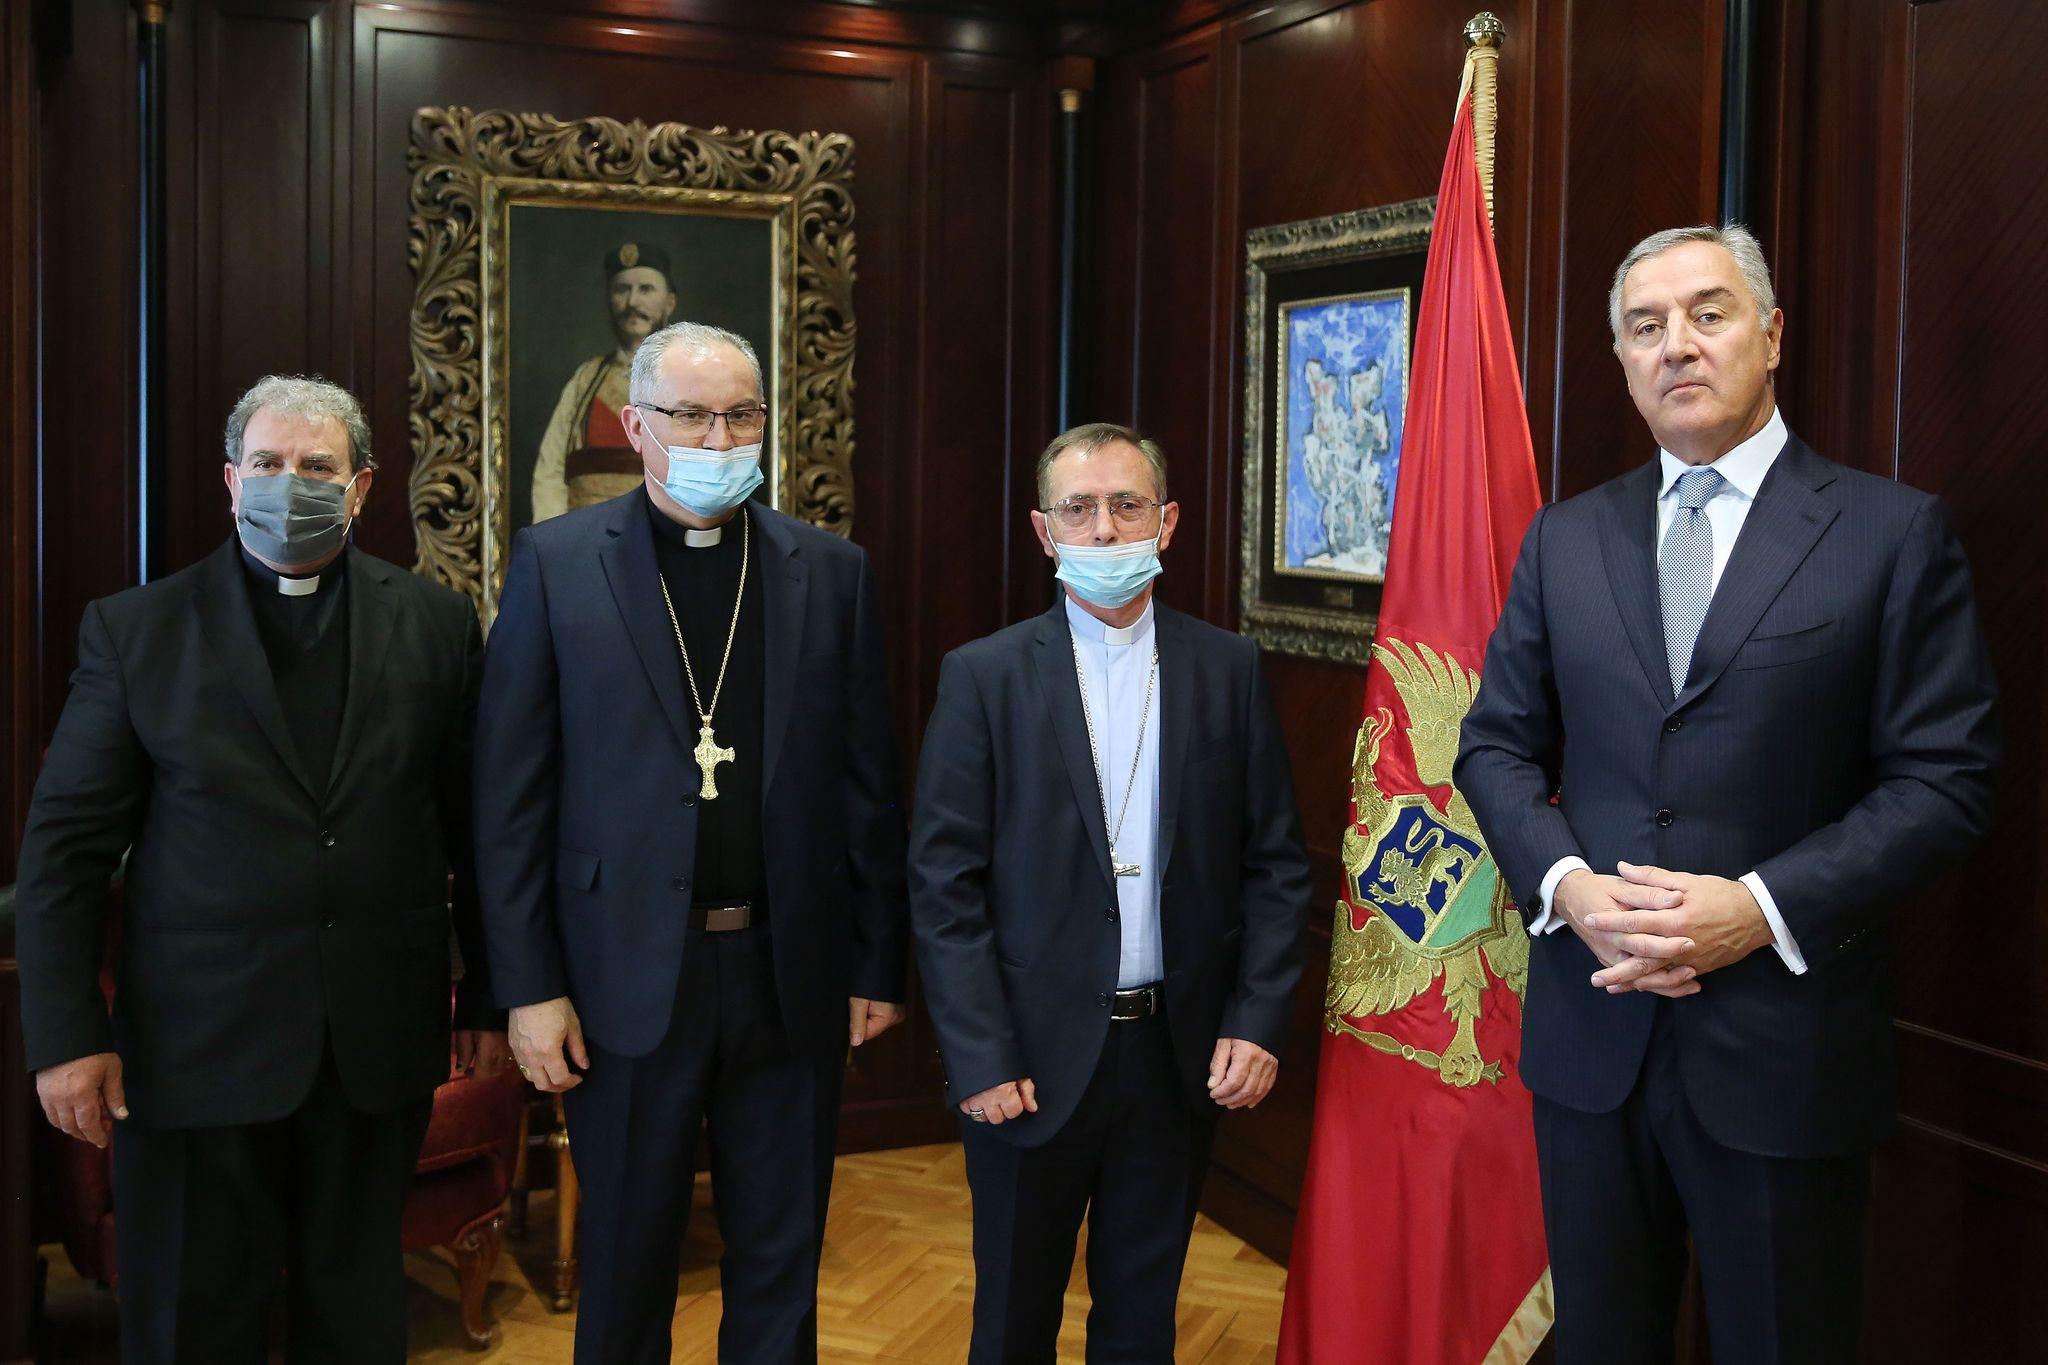 Susret predsjednika i biskupa